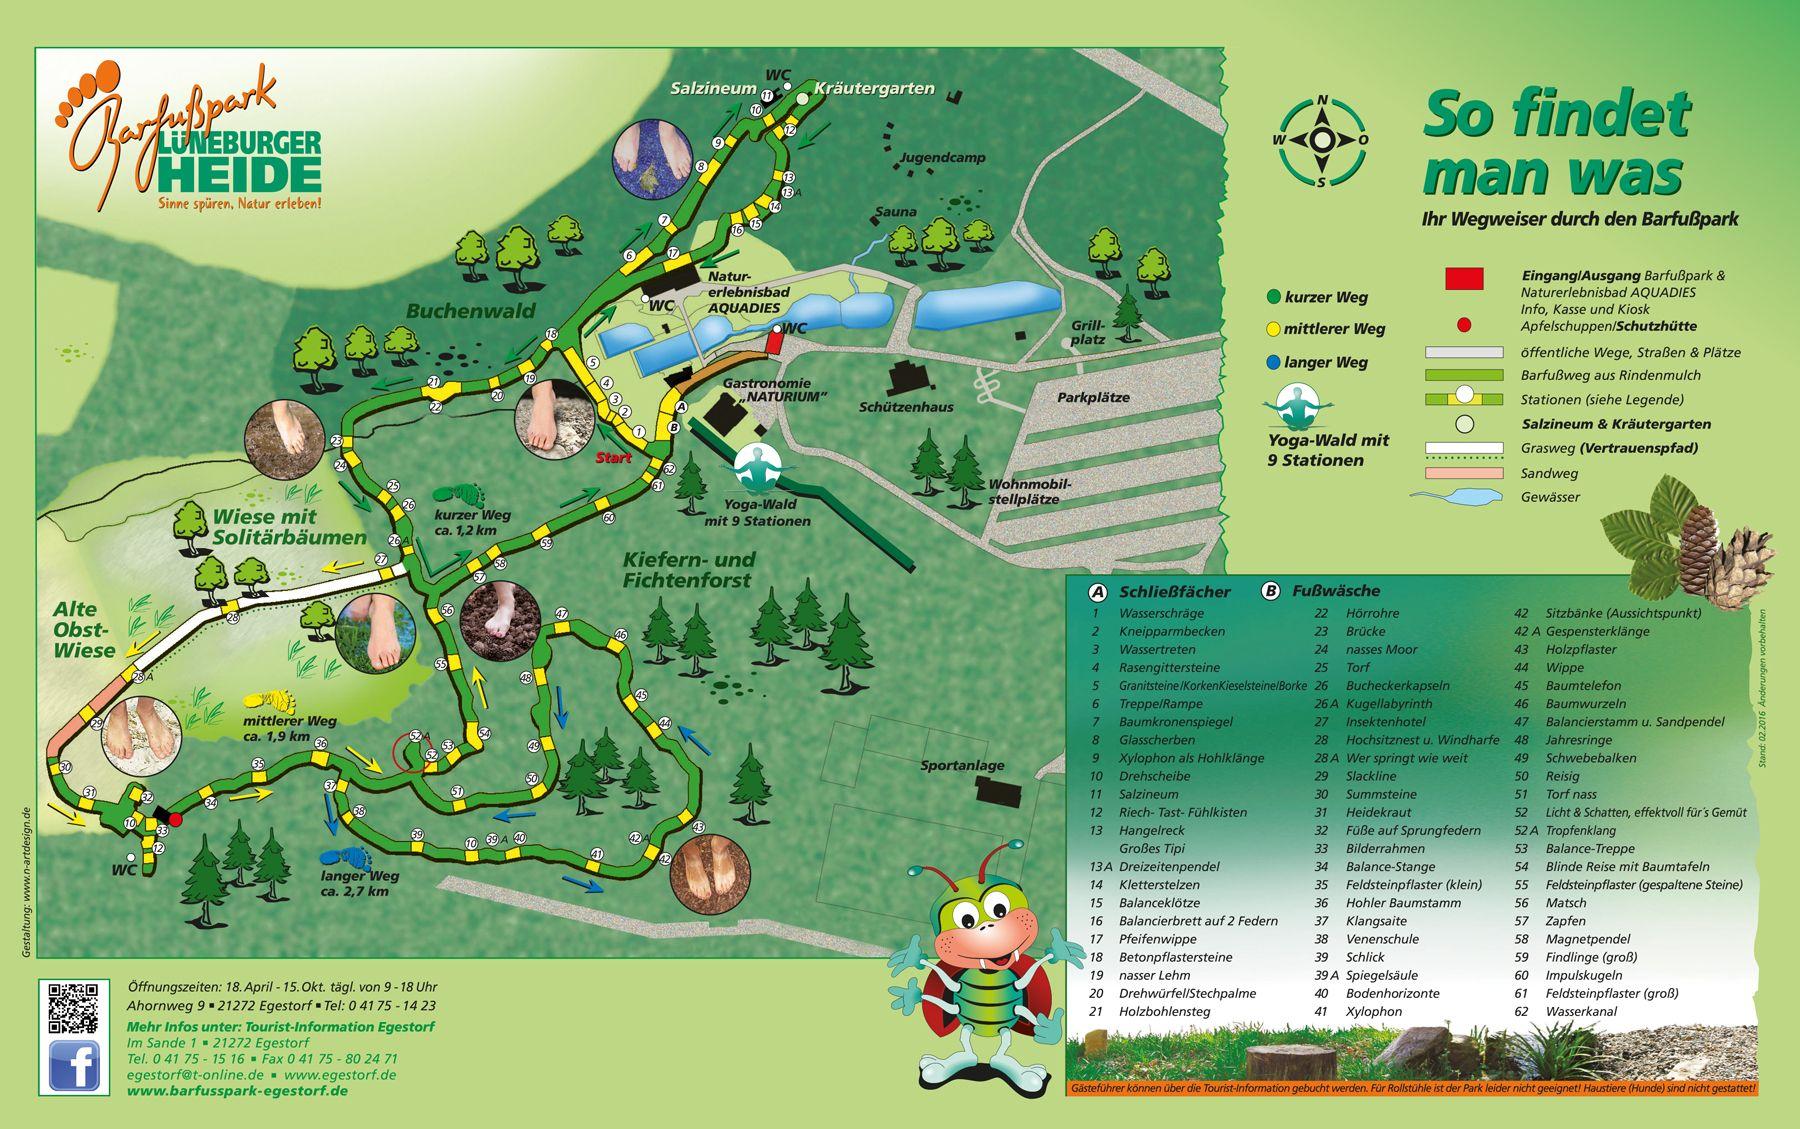 Der Barfusspark Luneburger Heide Ist Der Einzigartige Freizeitpark